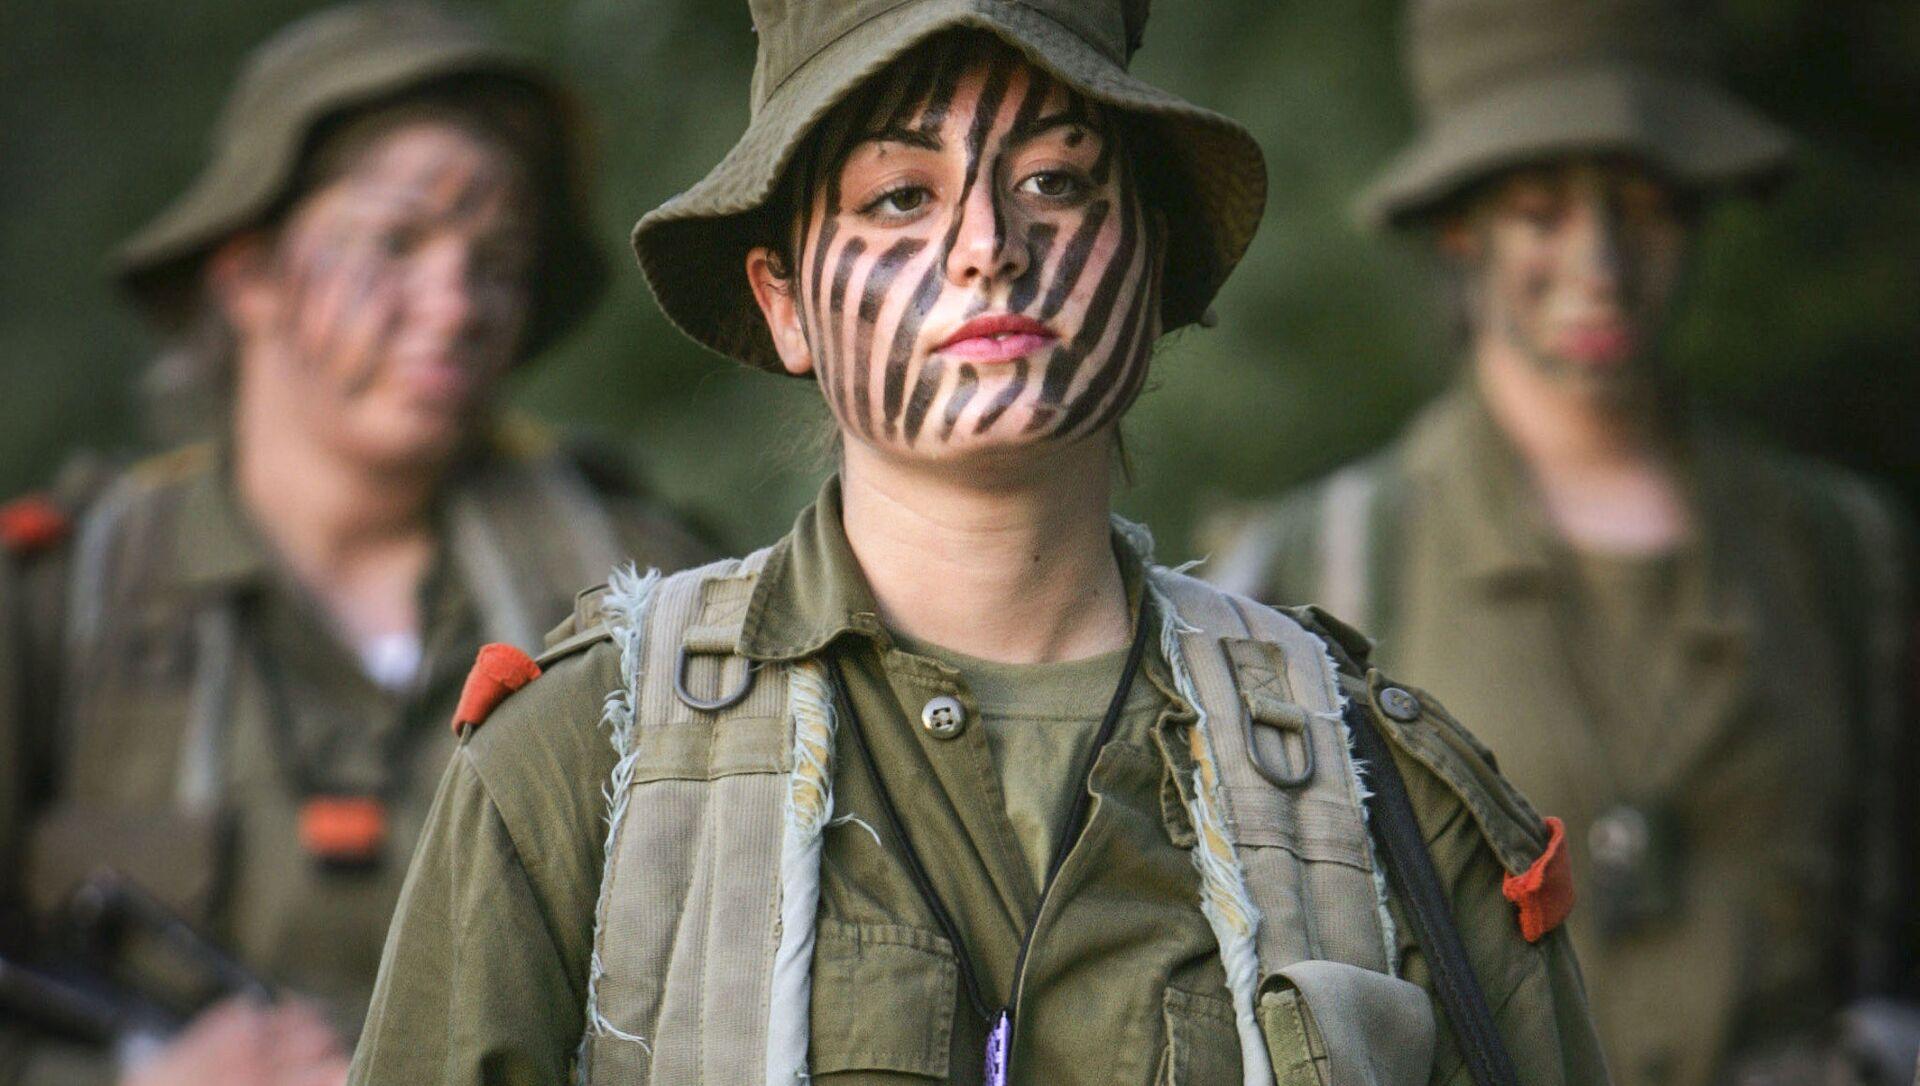 Izraelskie dziewczęta przed szkoleniem wojskowym w okolicach Jerozolimy - Sputnik Polska, 1920, 08.03.2021